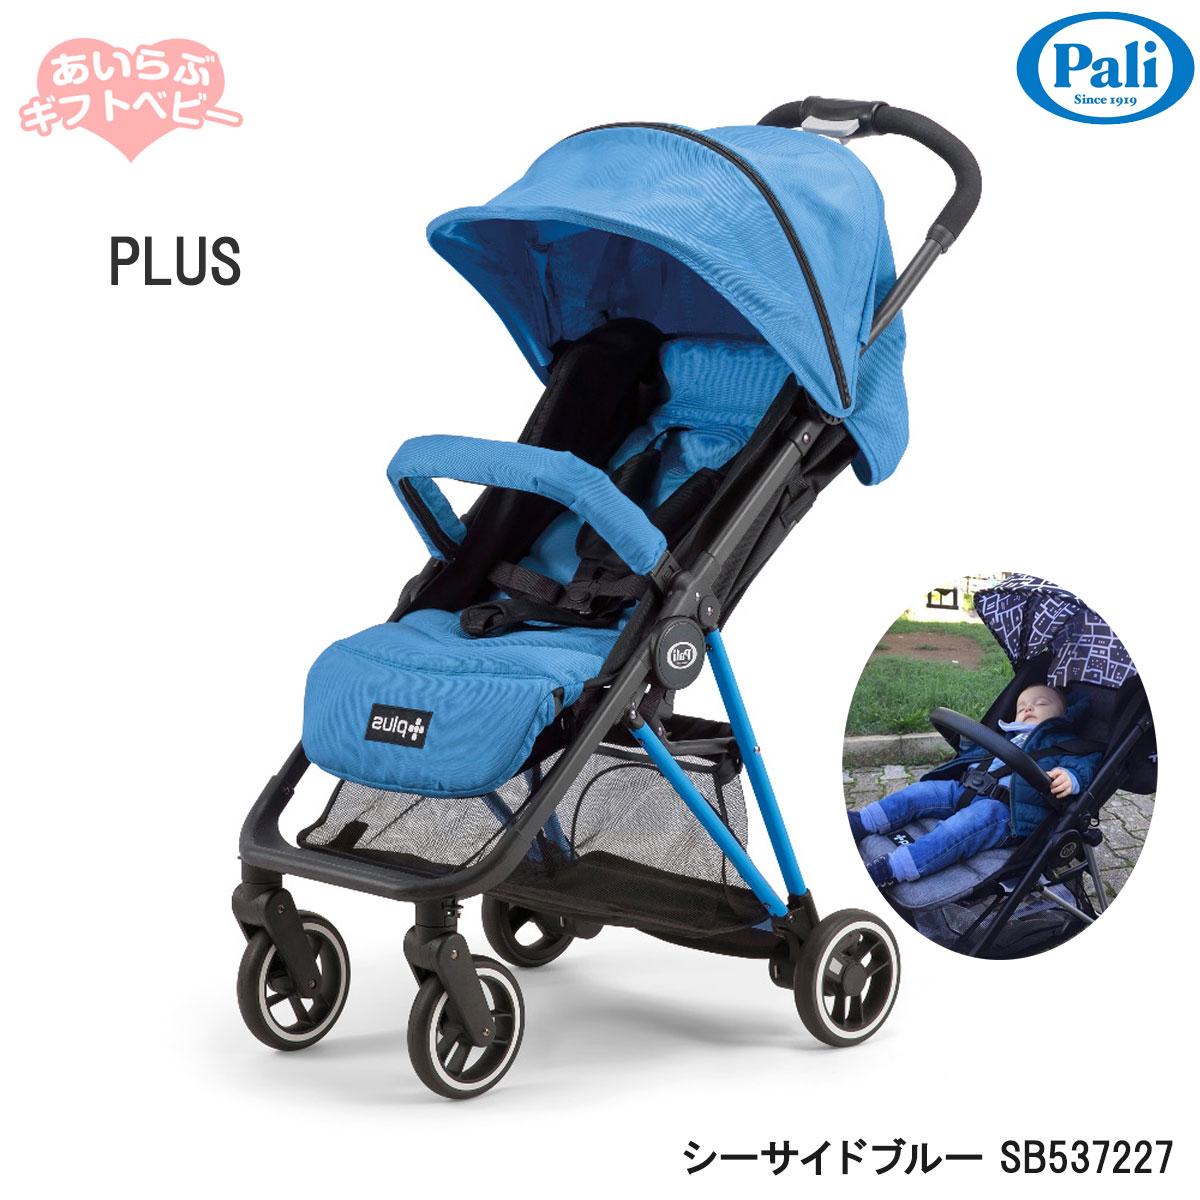 【送料無料】Pali Japan プラス(PLUS) シーサイドブルーSB537227/A型コンパクト収納タイプベビーカー/パーリ 赤ちゃん 【1ヶ月~36ヶ月頃まで】